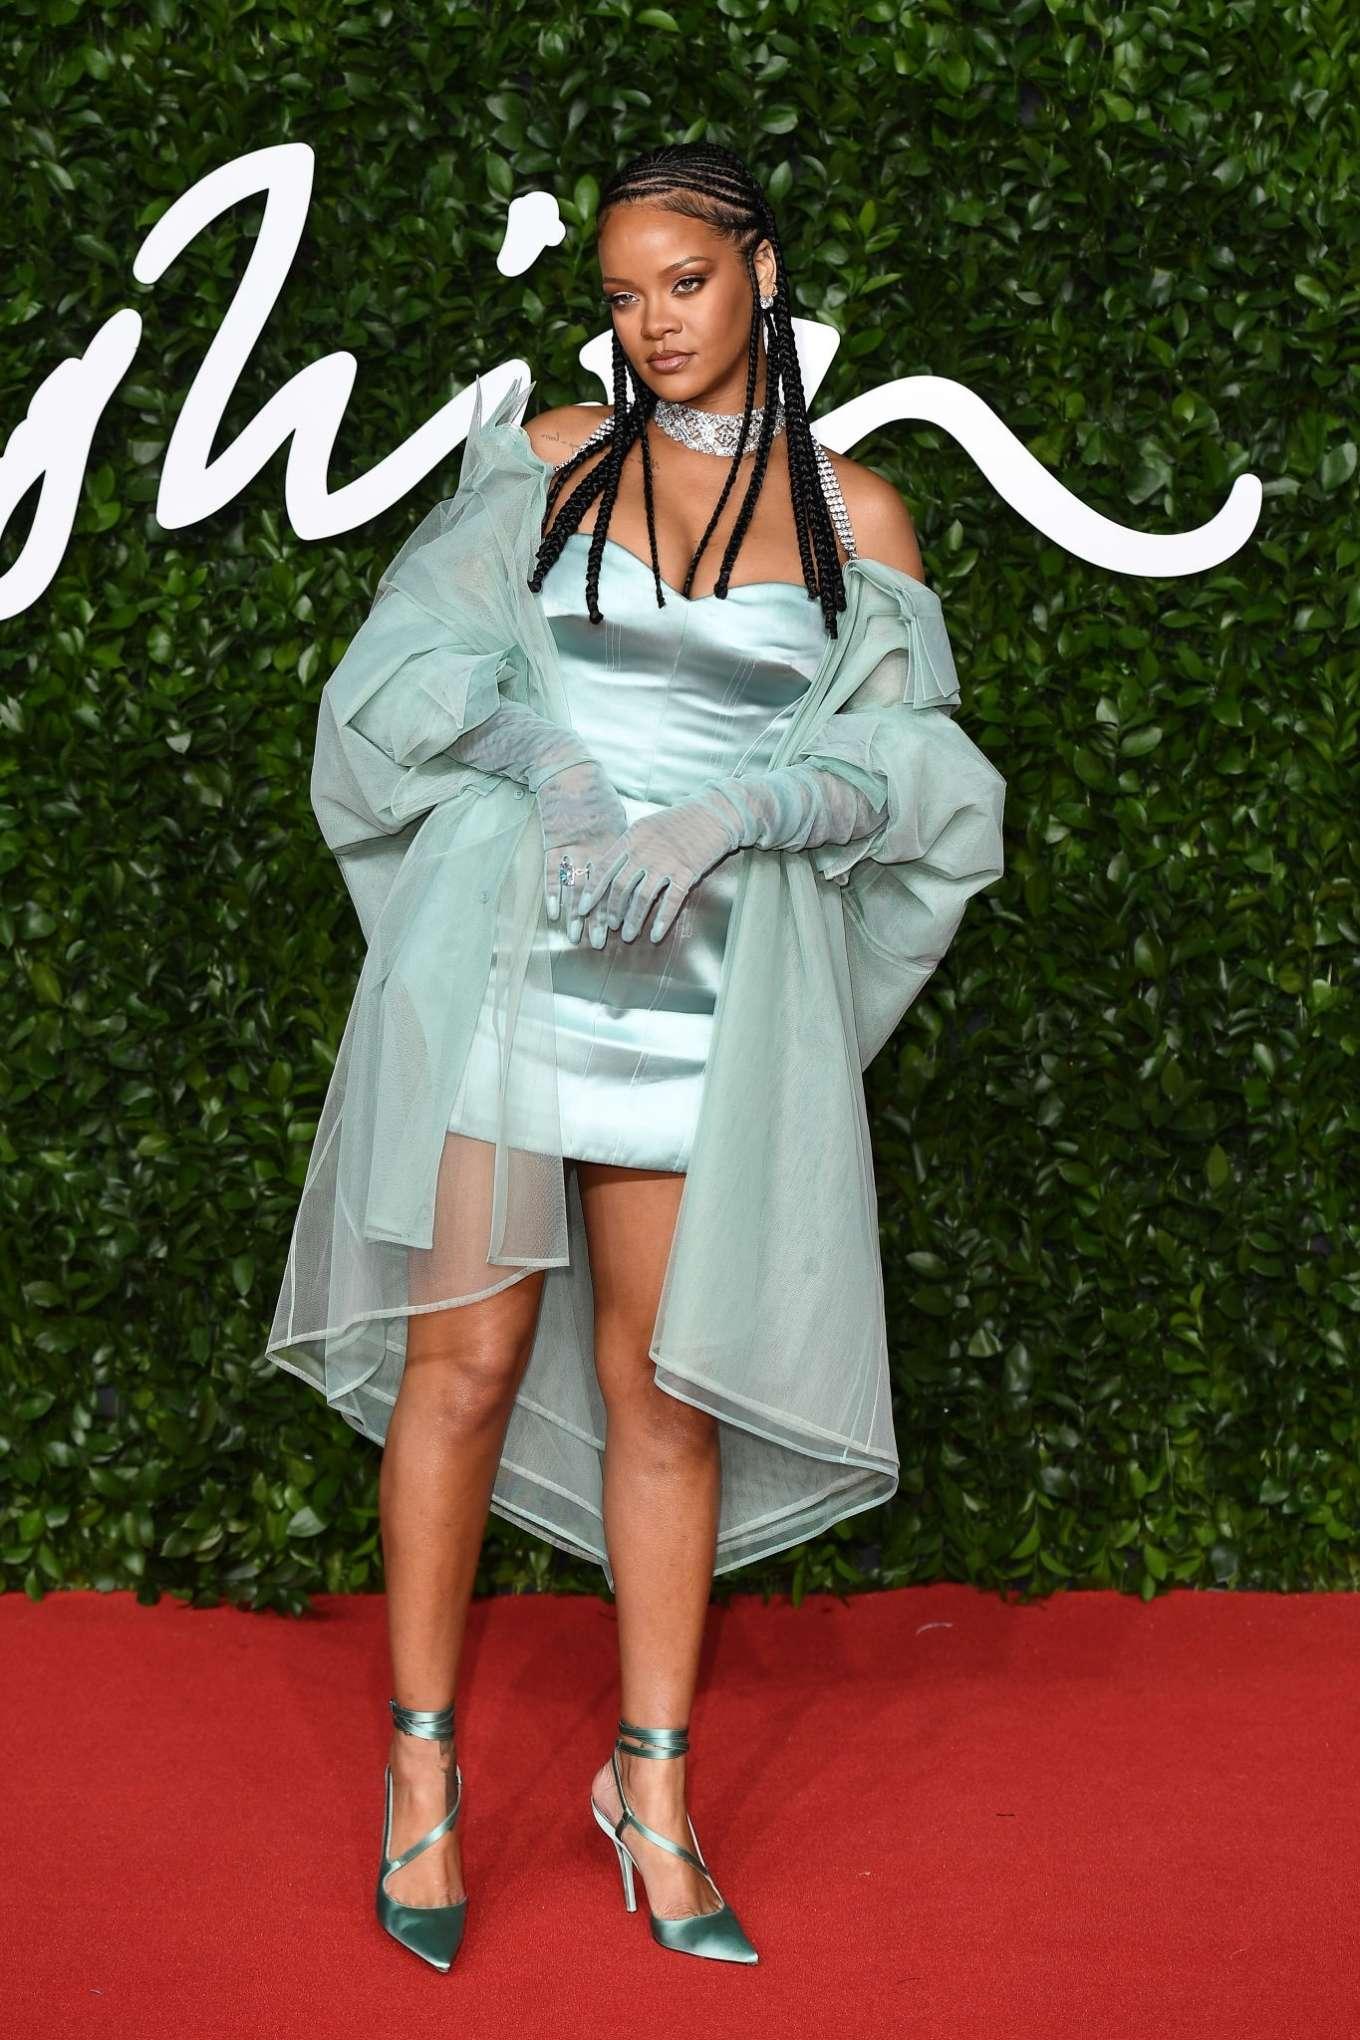 Rihanna 2019 : Rihanna – Fashion Awards 2019 in London-06